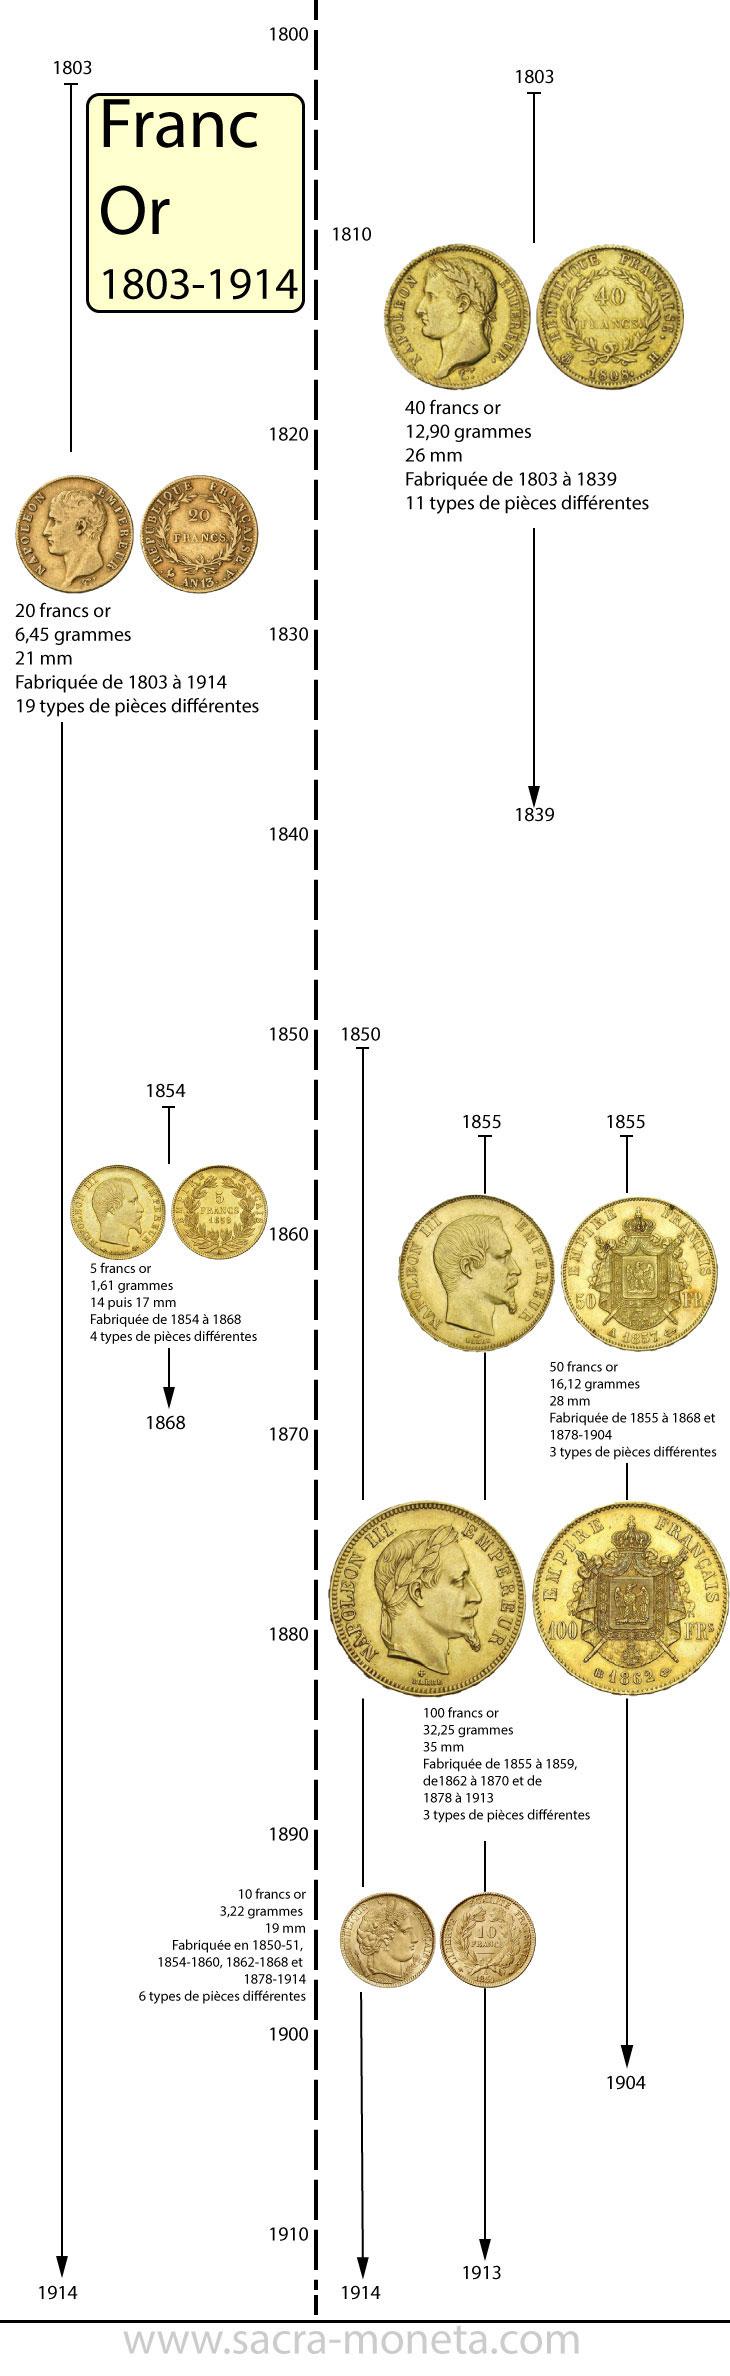 Chronologie des pièces d'or françaises 1803-1914